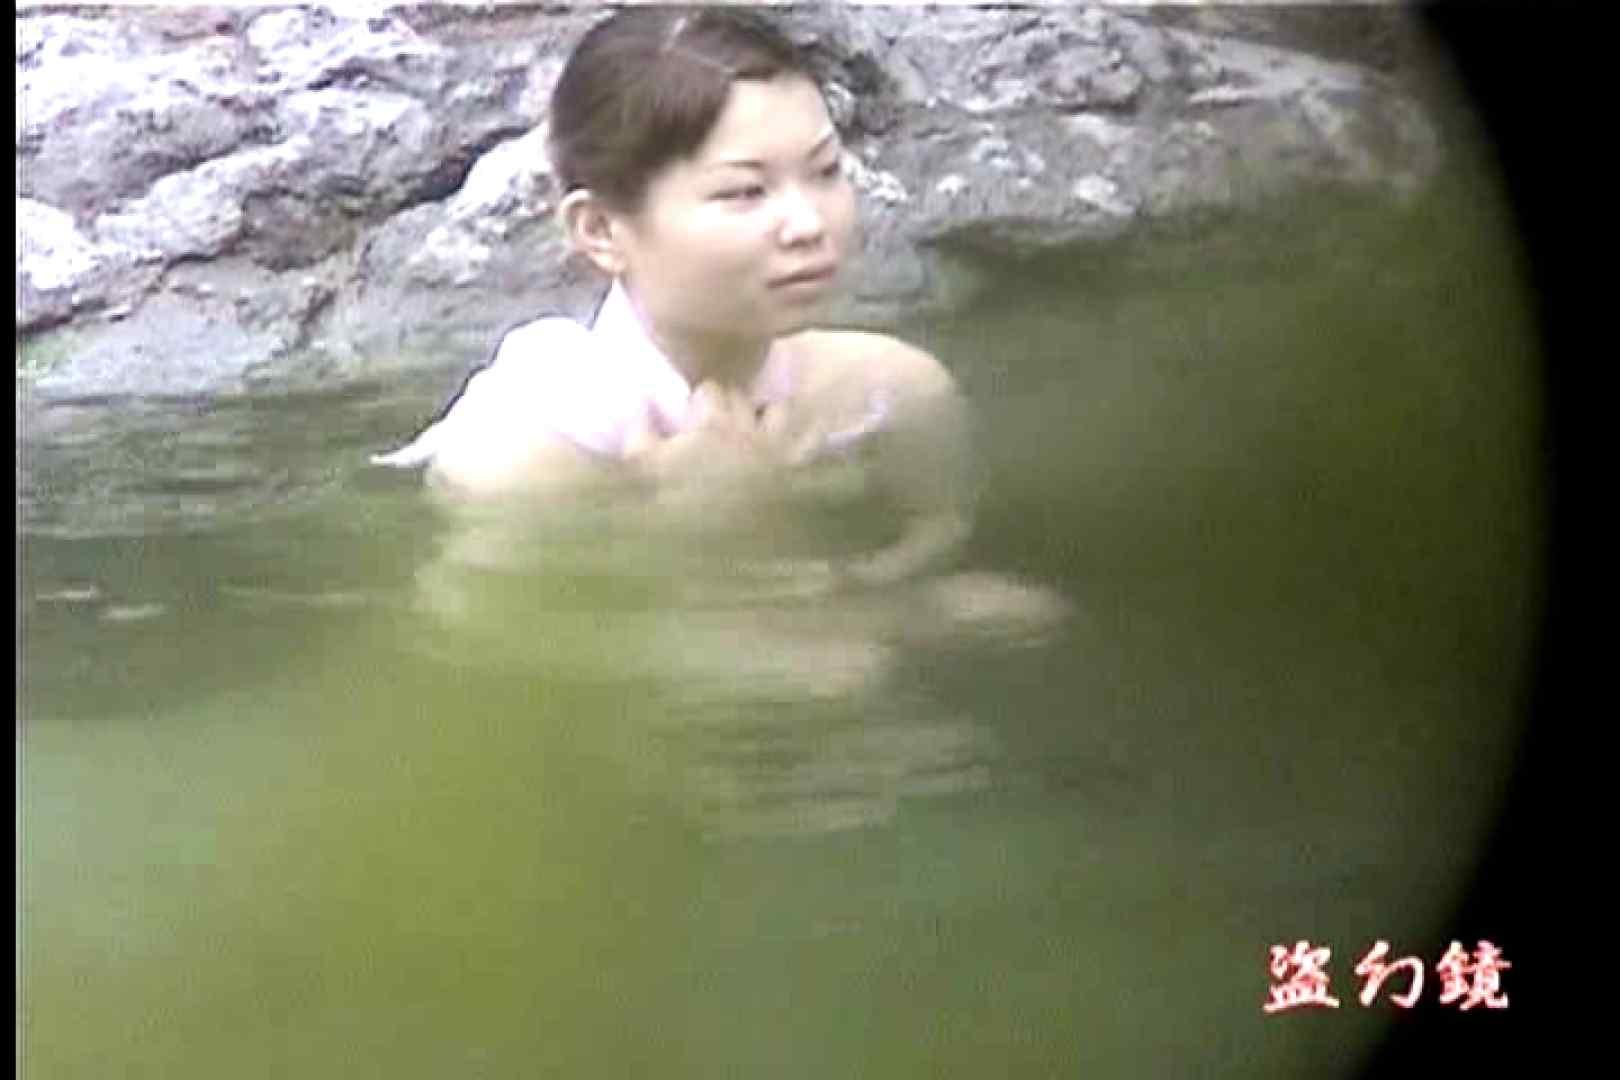 白昼の浴場絵巻 美女厳選版 DKY-04 お姉さん  75連発 44